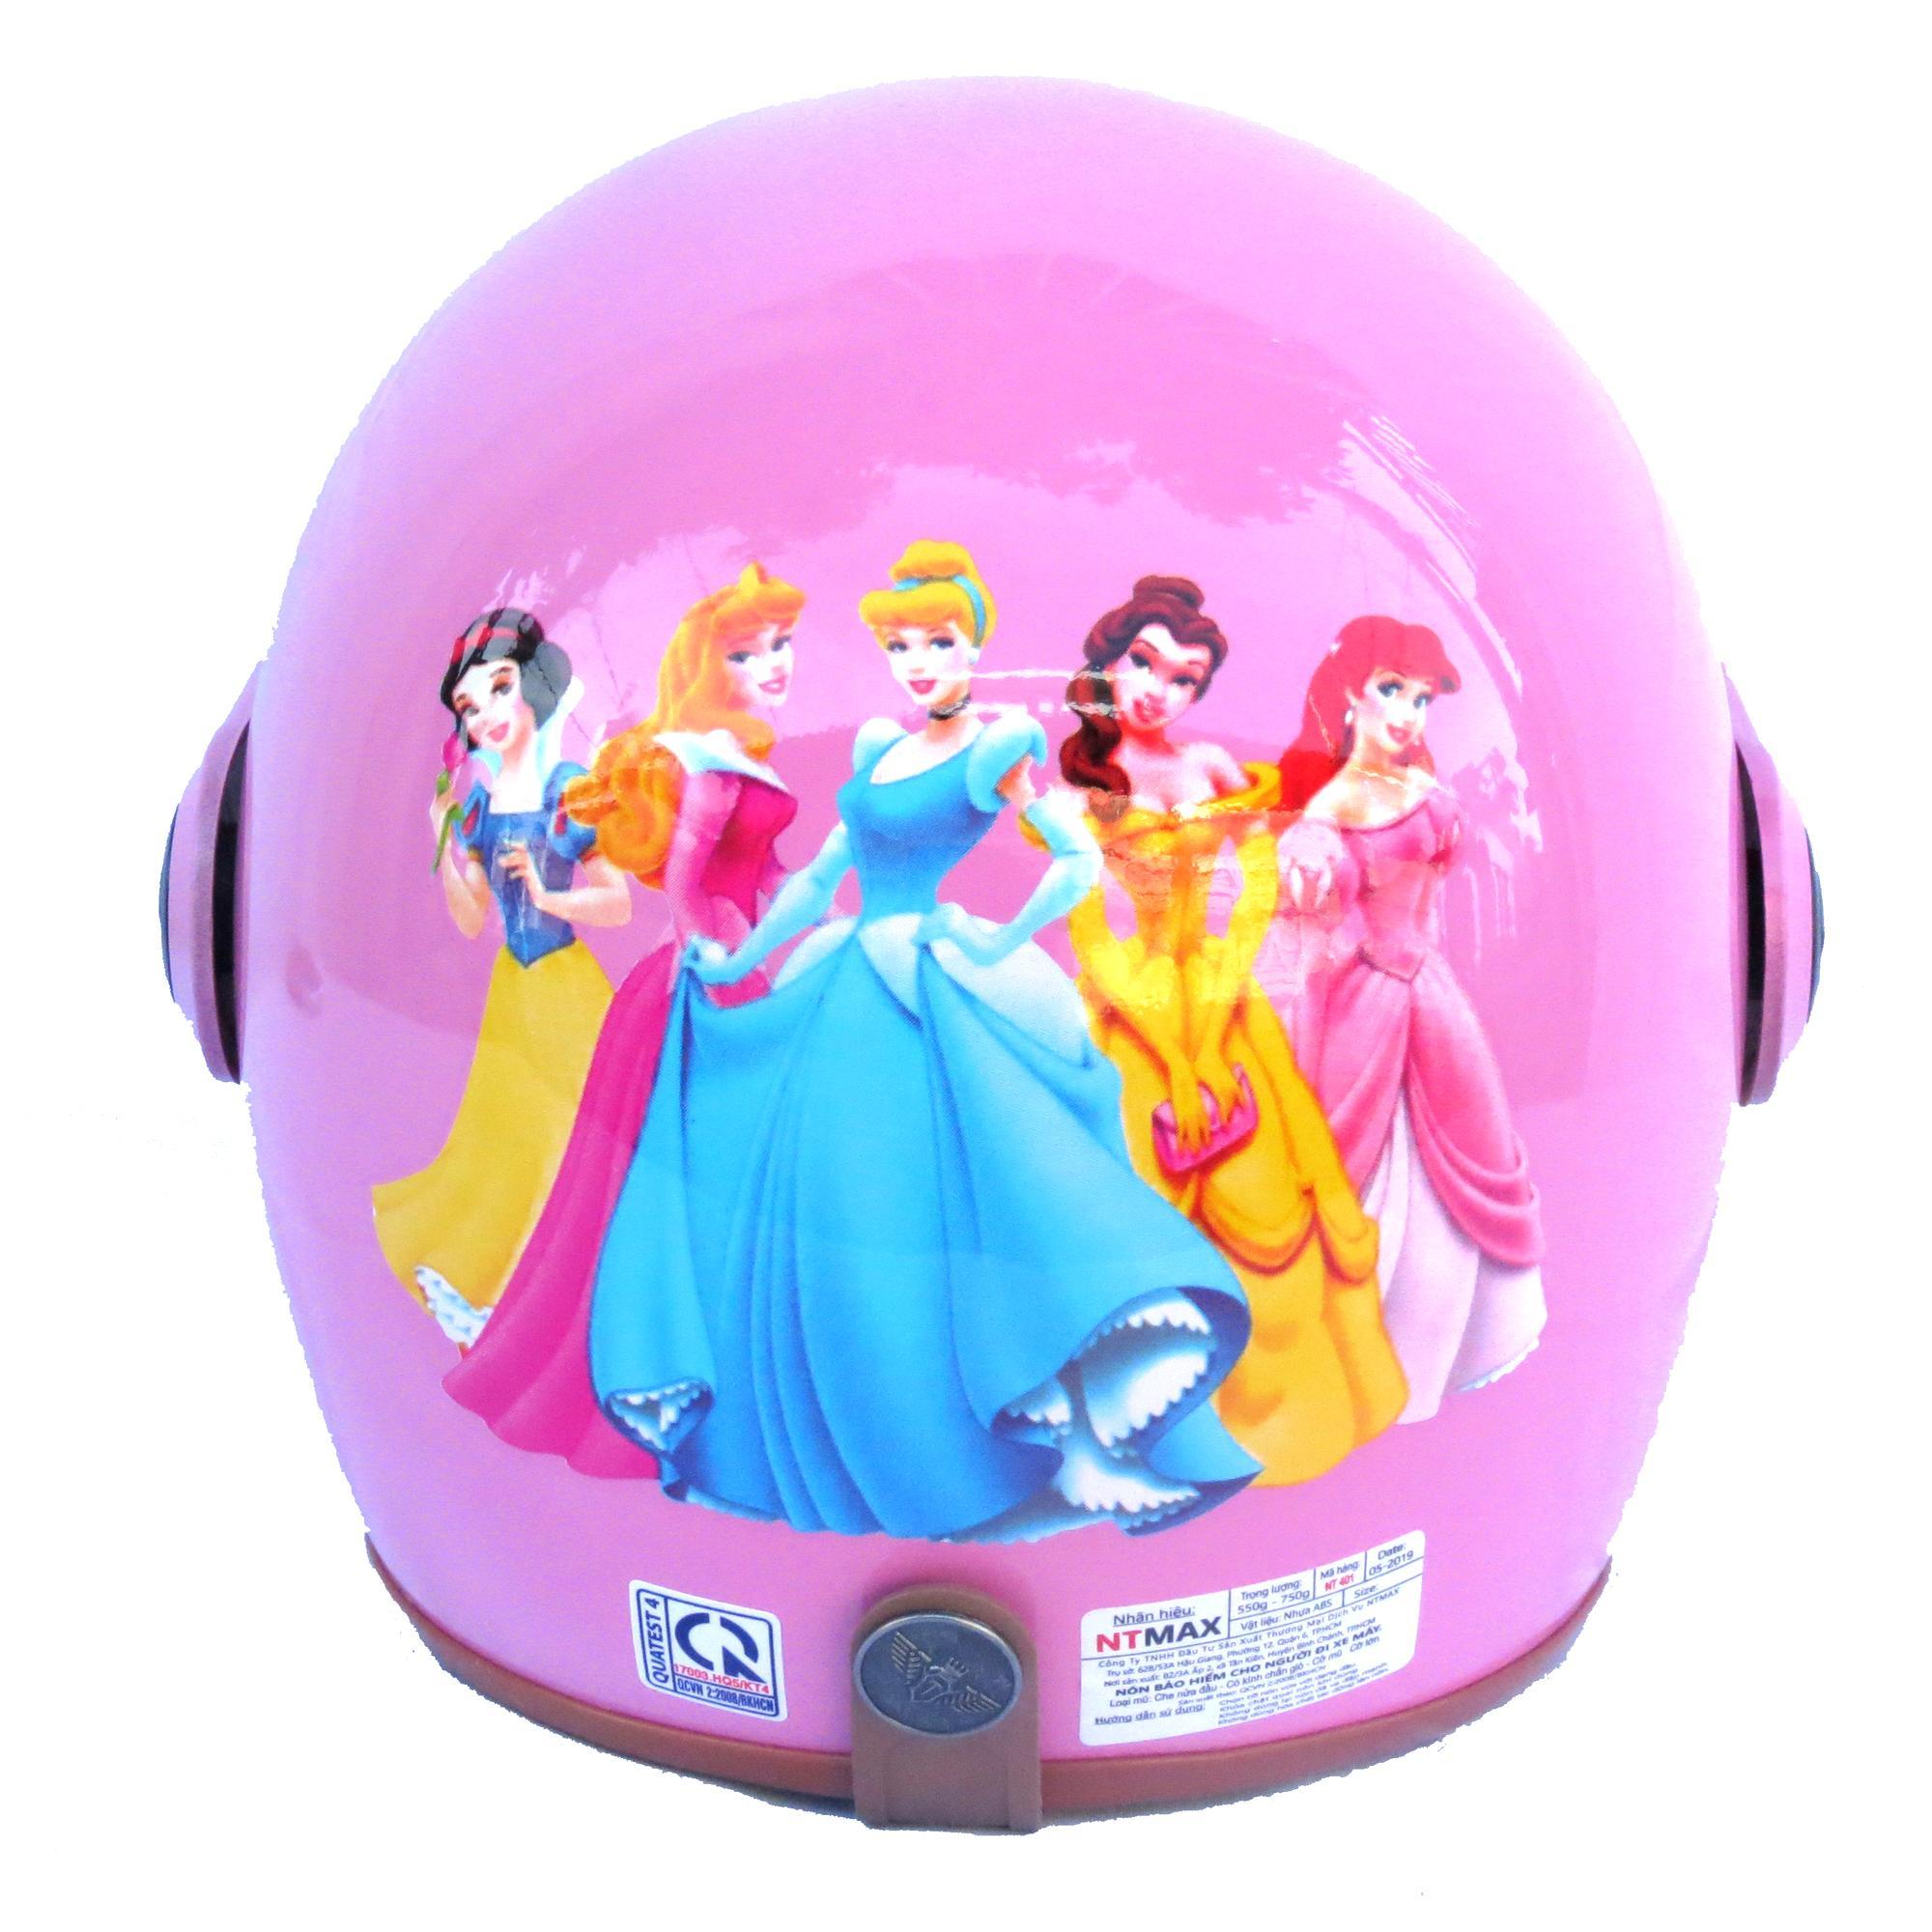 Giá bán Mũ bảo hiểm NTMAX 3/4 trẻ em có kính chắn gió (6-14 tuổi) tem hoạt hình siêu cute